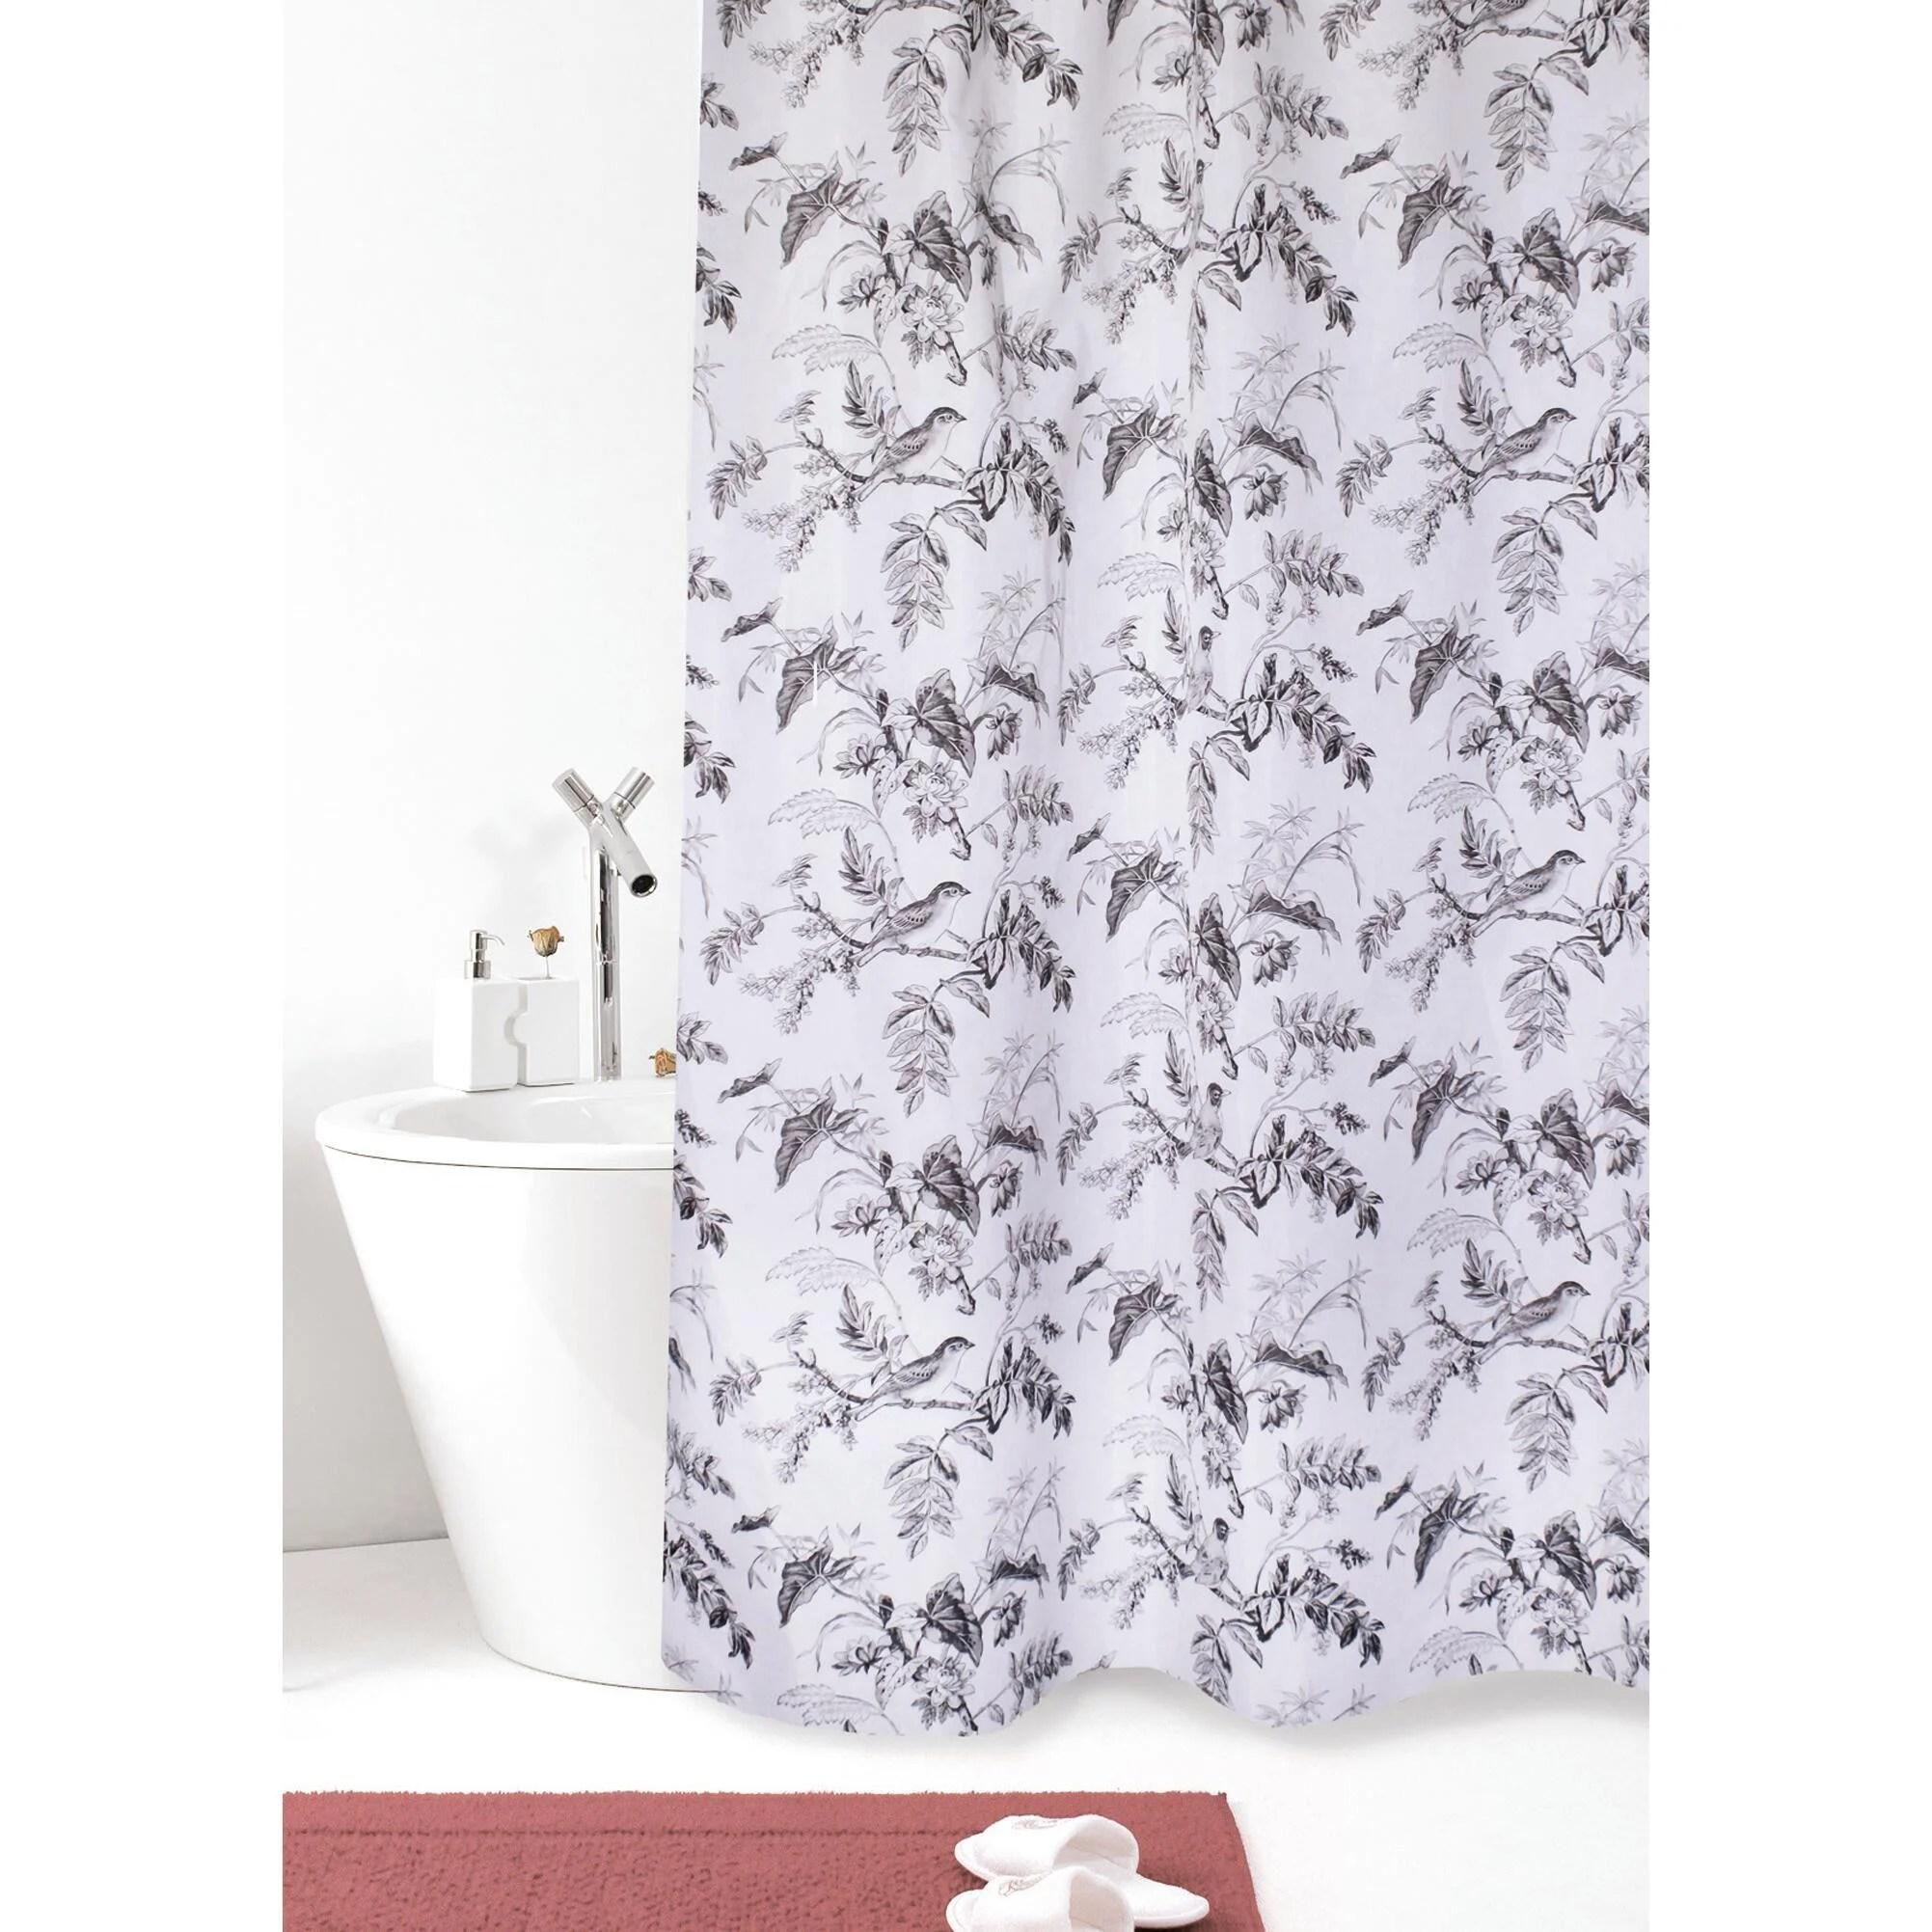 Le tende doccia leroy merlin sono la soluzione ideale per arredare il vostro bagno all'insegna della semplicità e donare allo stesso tempo un tocco di. Tenda Doccia Vintage In Poliestere Nero L 120 X H 200 Cm Leroy Merlin